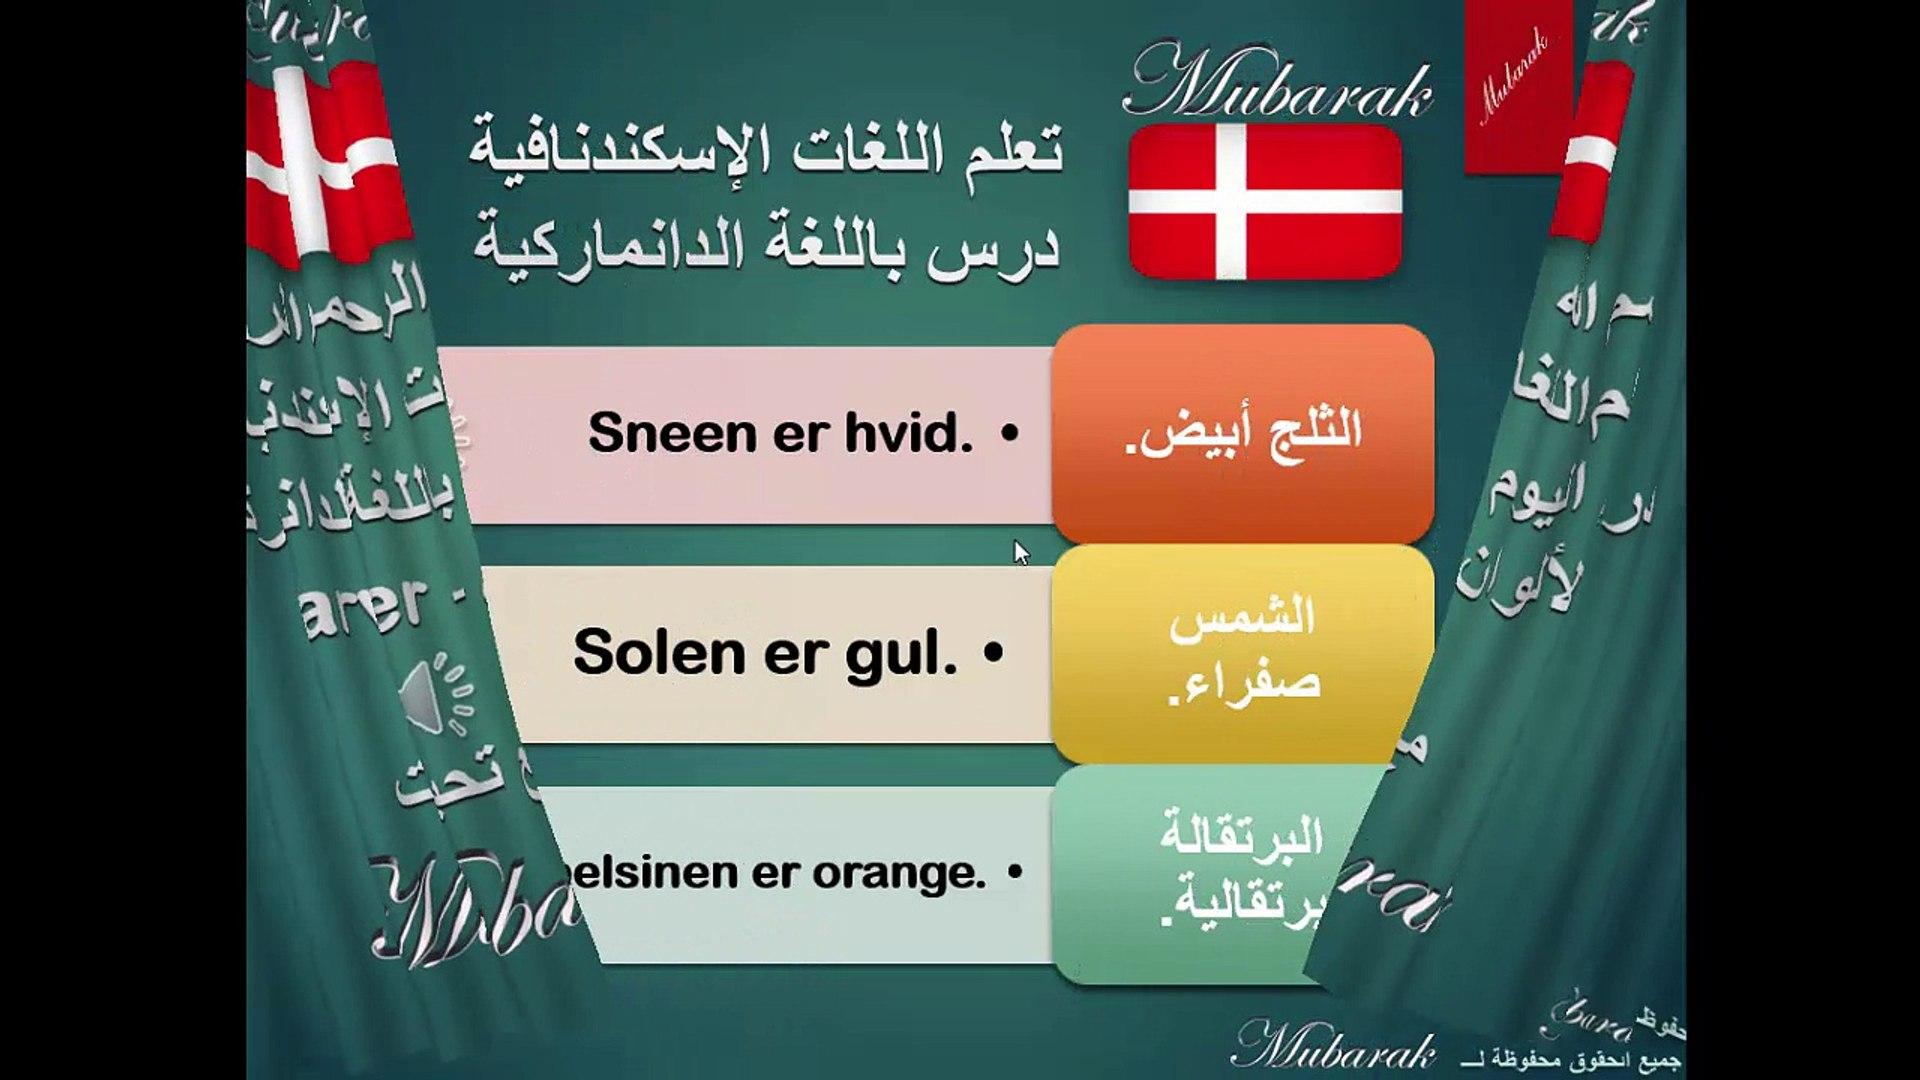 تعلم اللغة الدانماركية - درس عن الألوان 